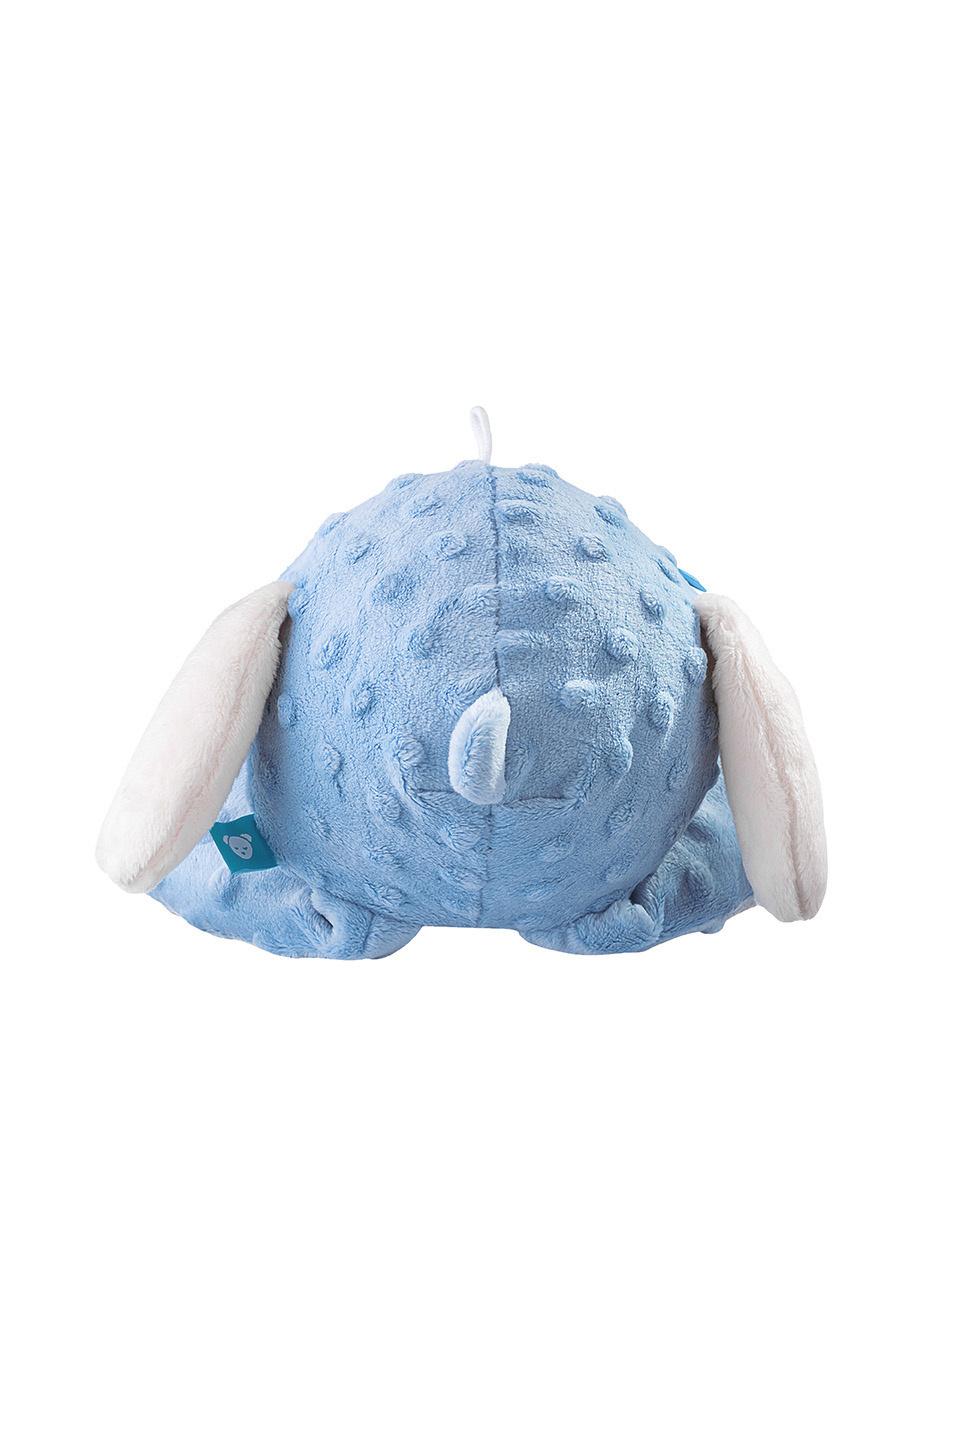 myHummy Snoozy Basic - Azzurro